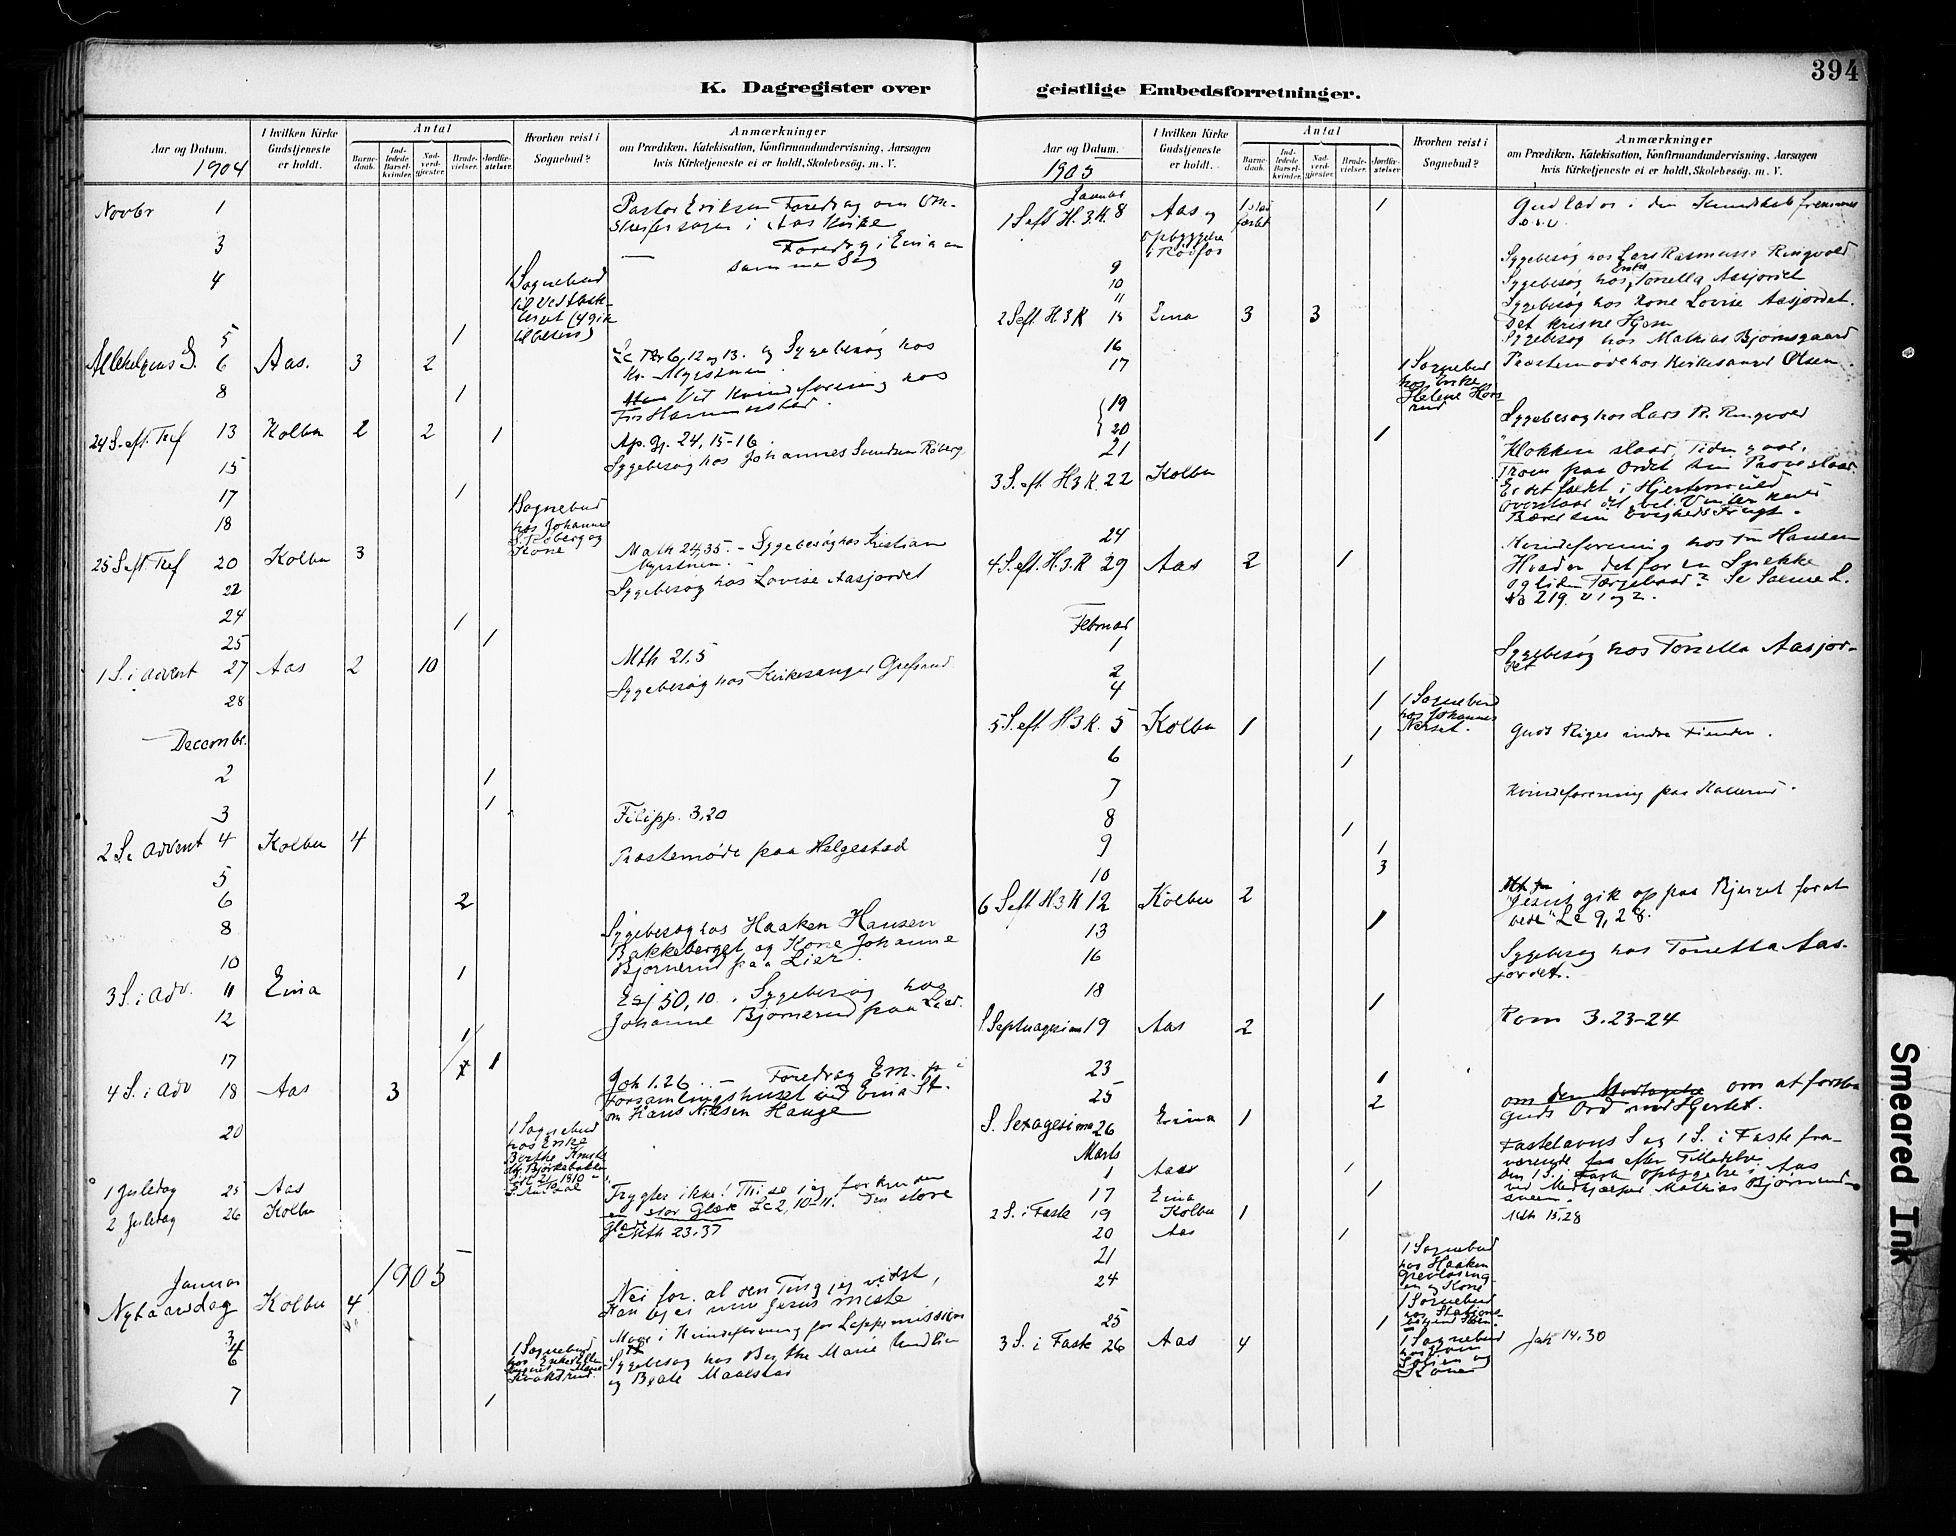 SAH, Vestre Toten prestekontor, Ministerialbok nr. 11, 1895-1906, s. 394